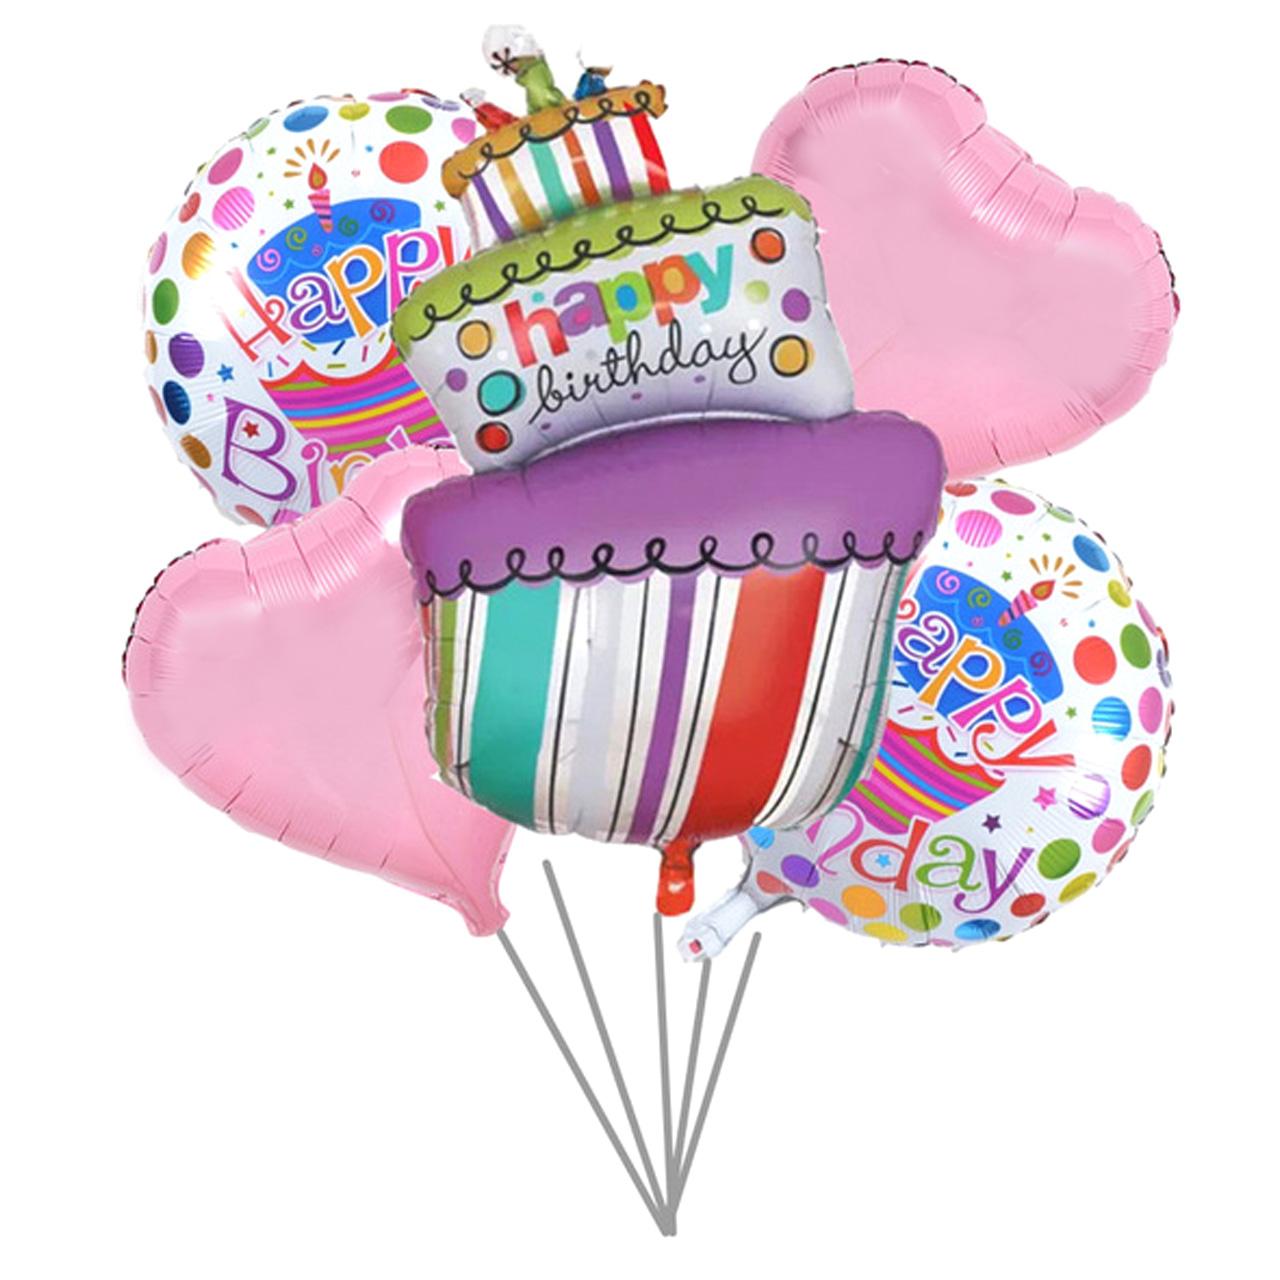 عکس بادکنک فویلی 5تکه بانیبو مدل Happy Birthday Cake01 سایز 150